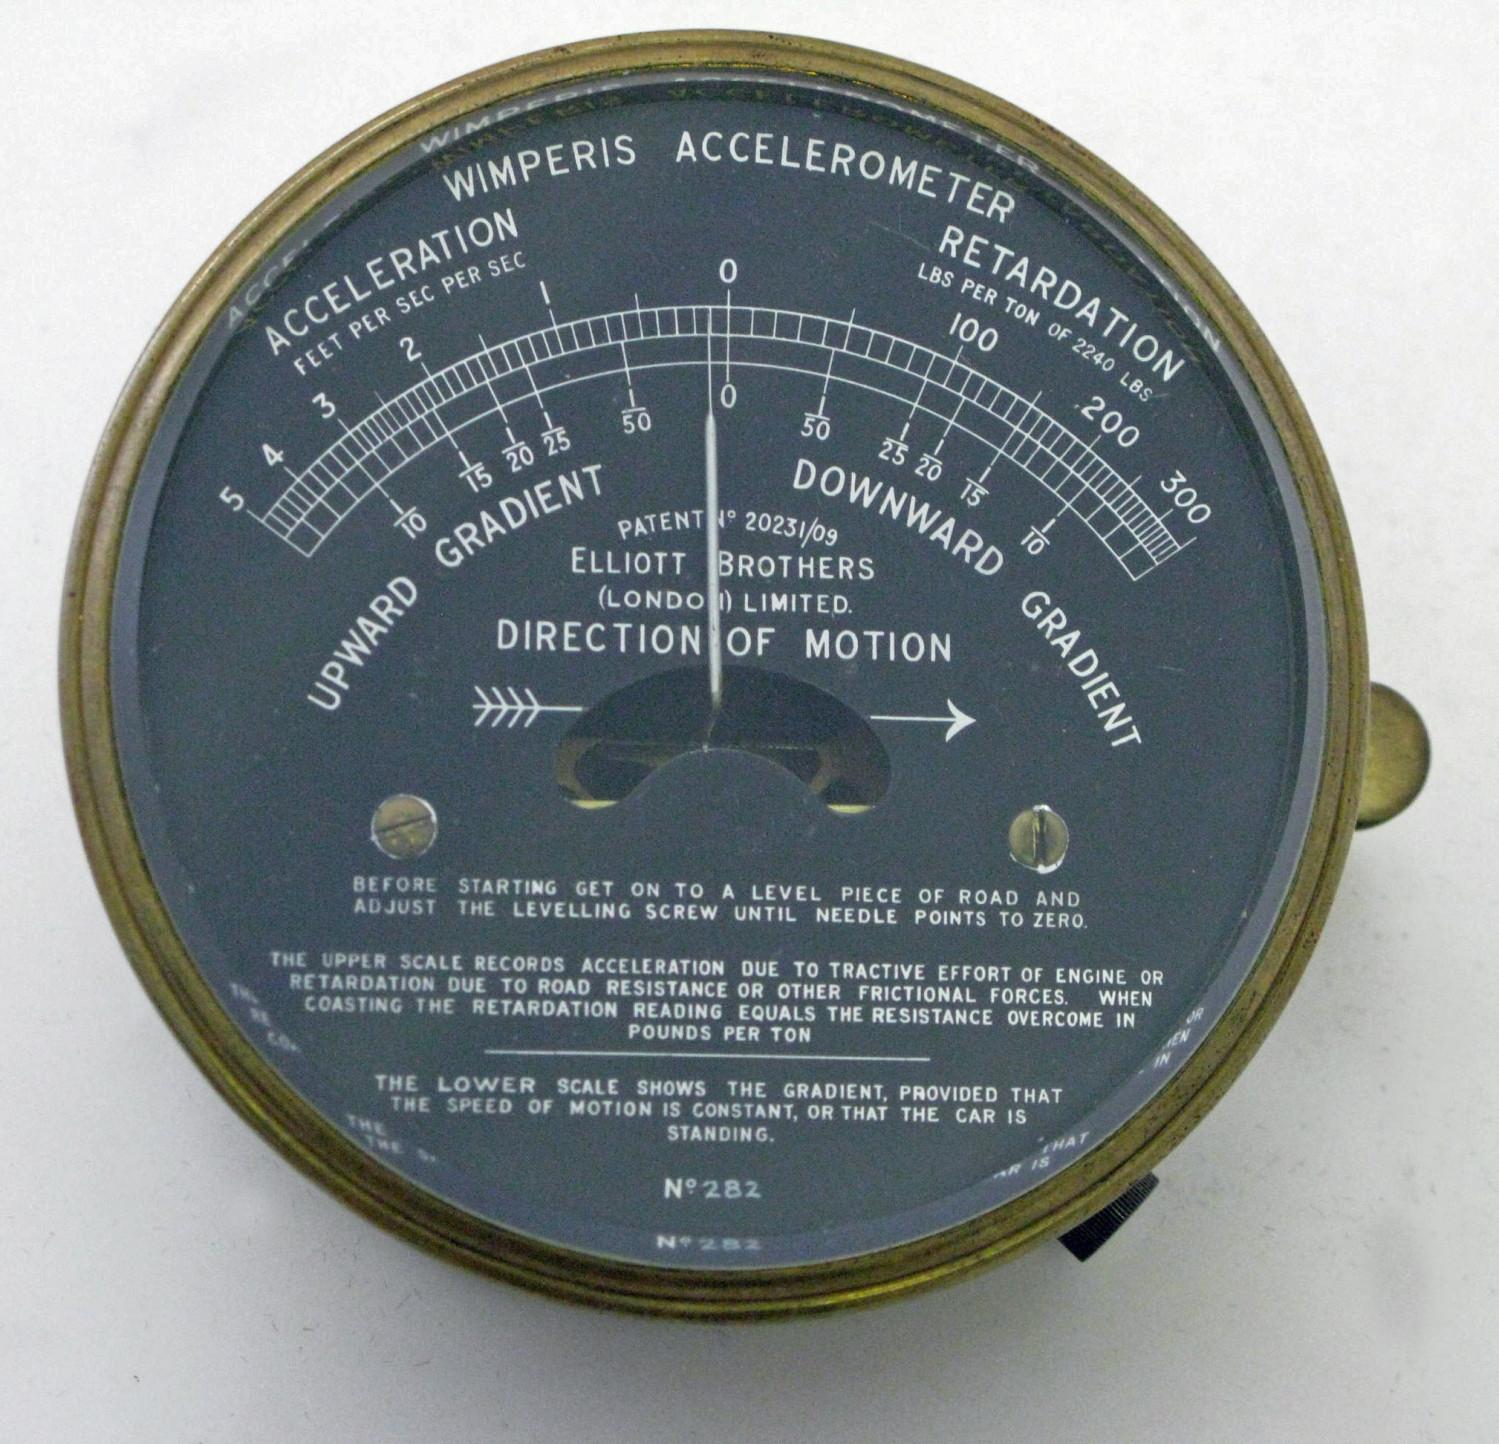 Wimperis Accelerometer.